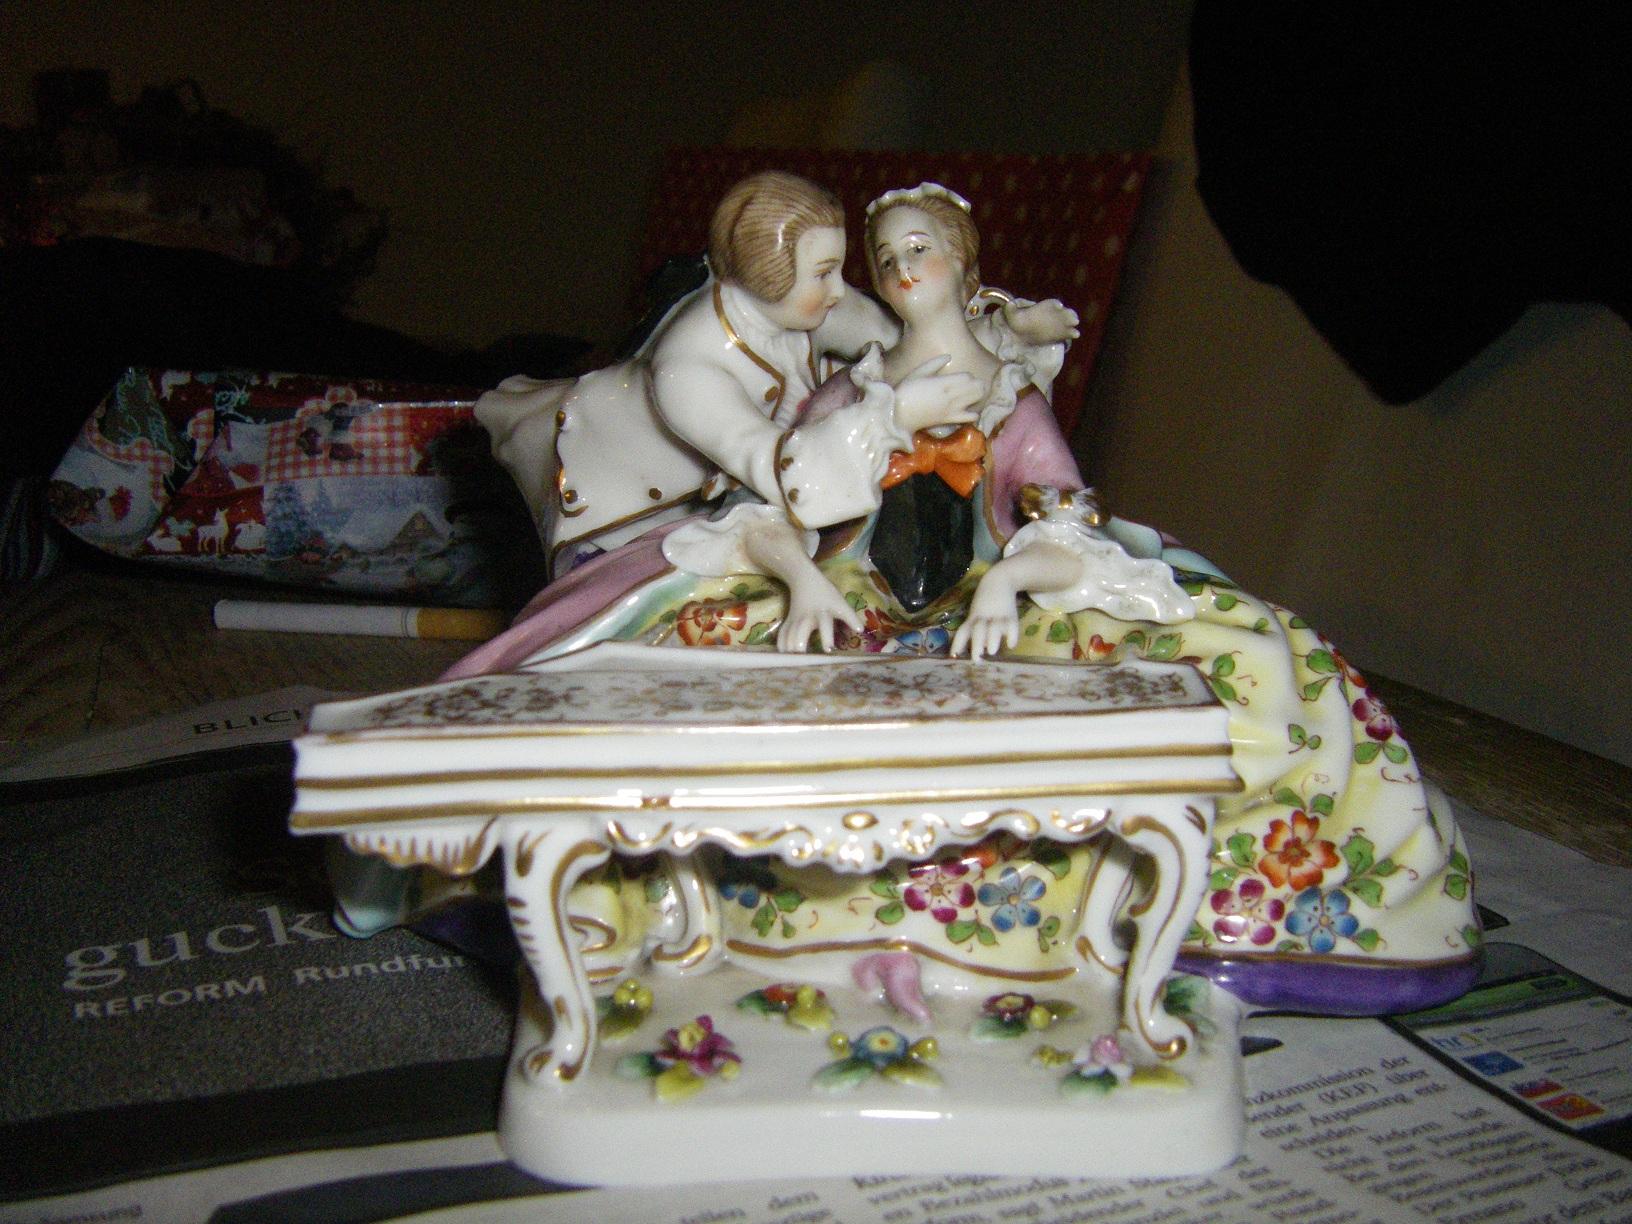 p rchen am klavier ist das original meissen bzw meissener porzellan antiquit ten antik. Black Bedroom Furniture Sets. Home Design Ideas